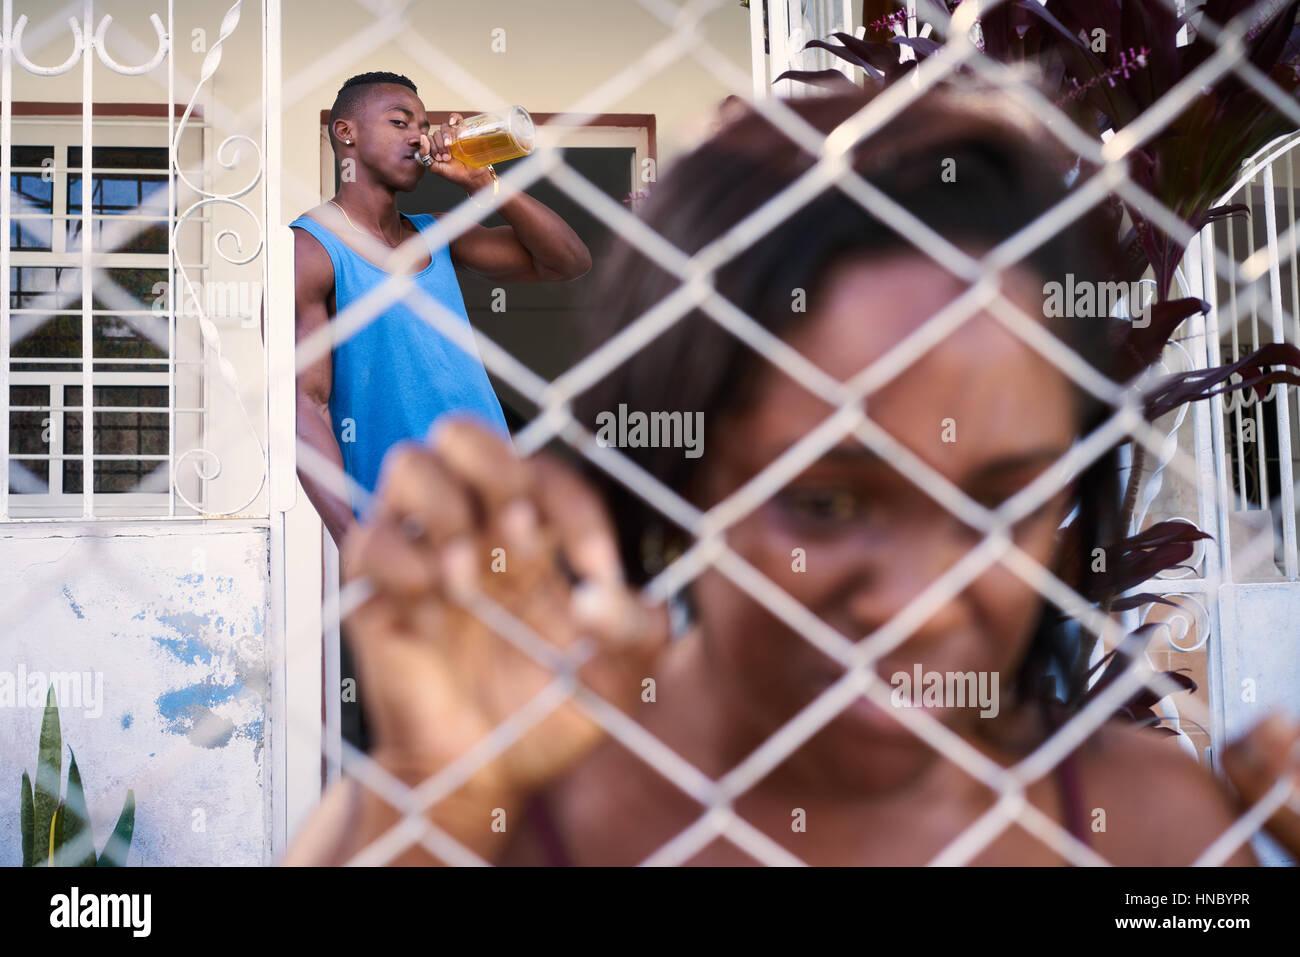 La cuestión social, el abuso y la violencia sobre la mujer, hombre hispano borracho y triste negro mujer llorando Imagen De Stock